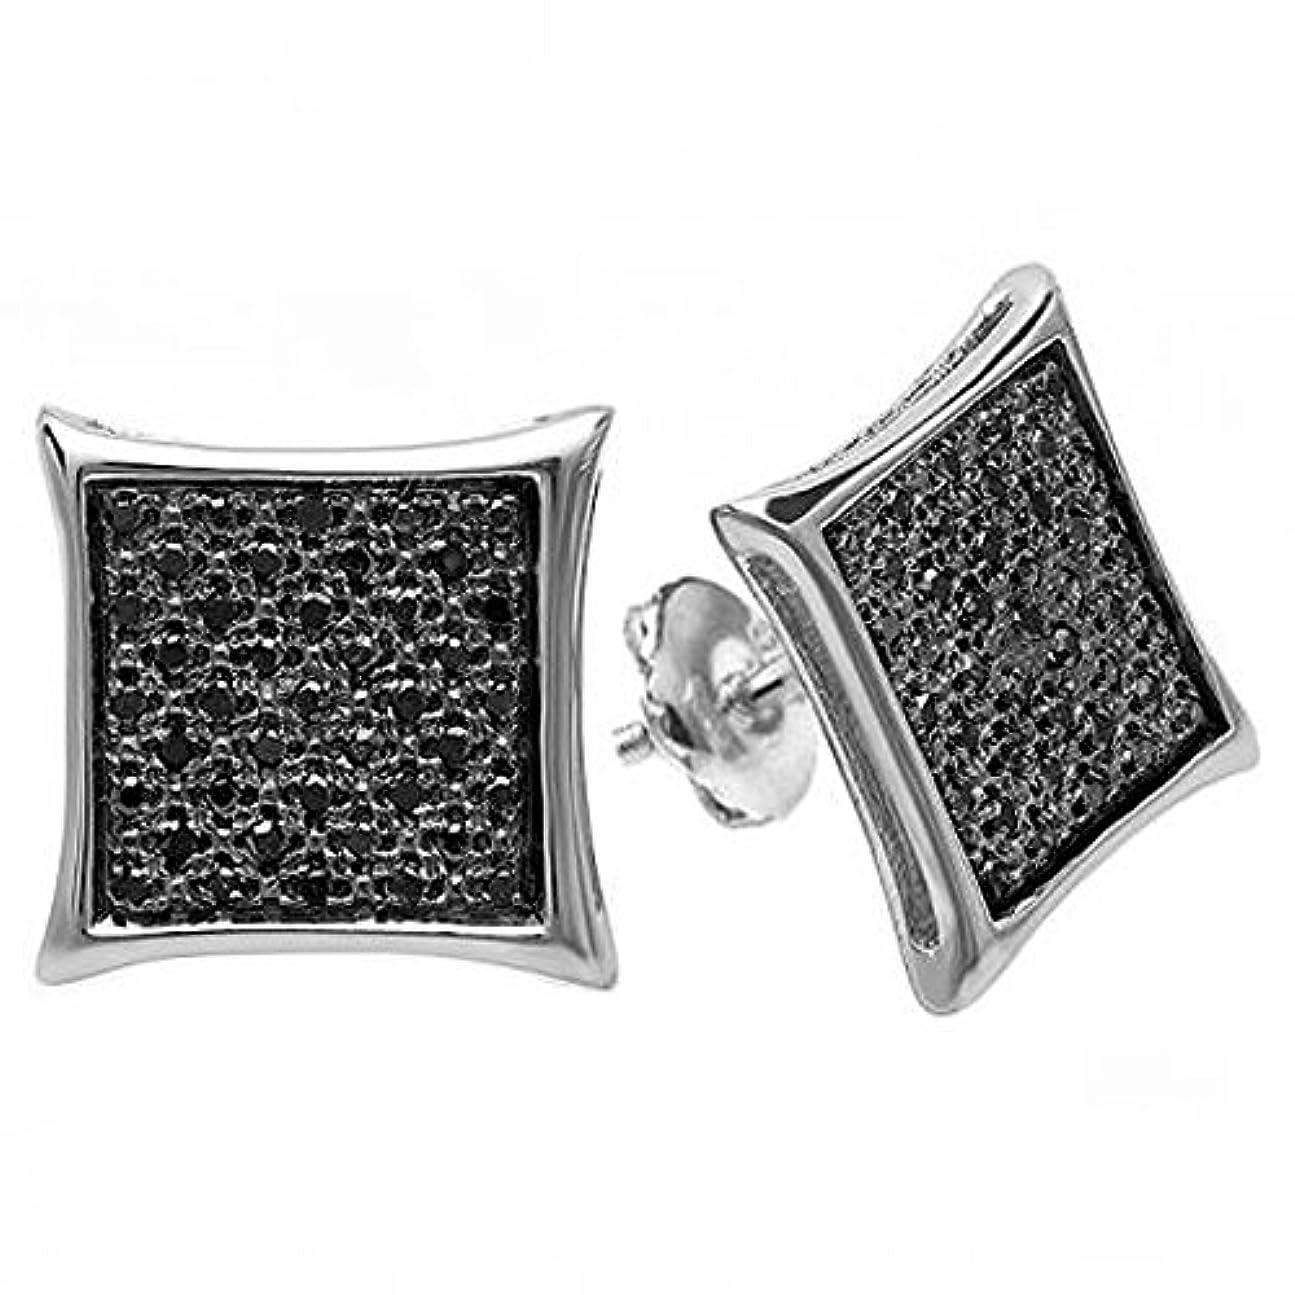 項目海それぞれ0.25カラットCTWRealブラックダイヤモンドKite形状メンズヒップホップIcedマイクロパヴェスタッドイヤリング1 / 4 ct